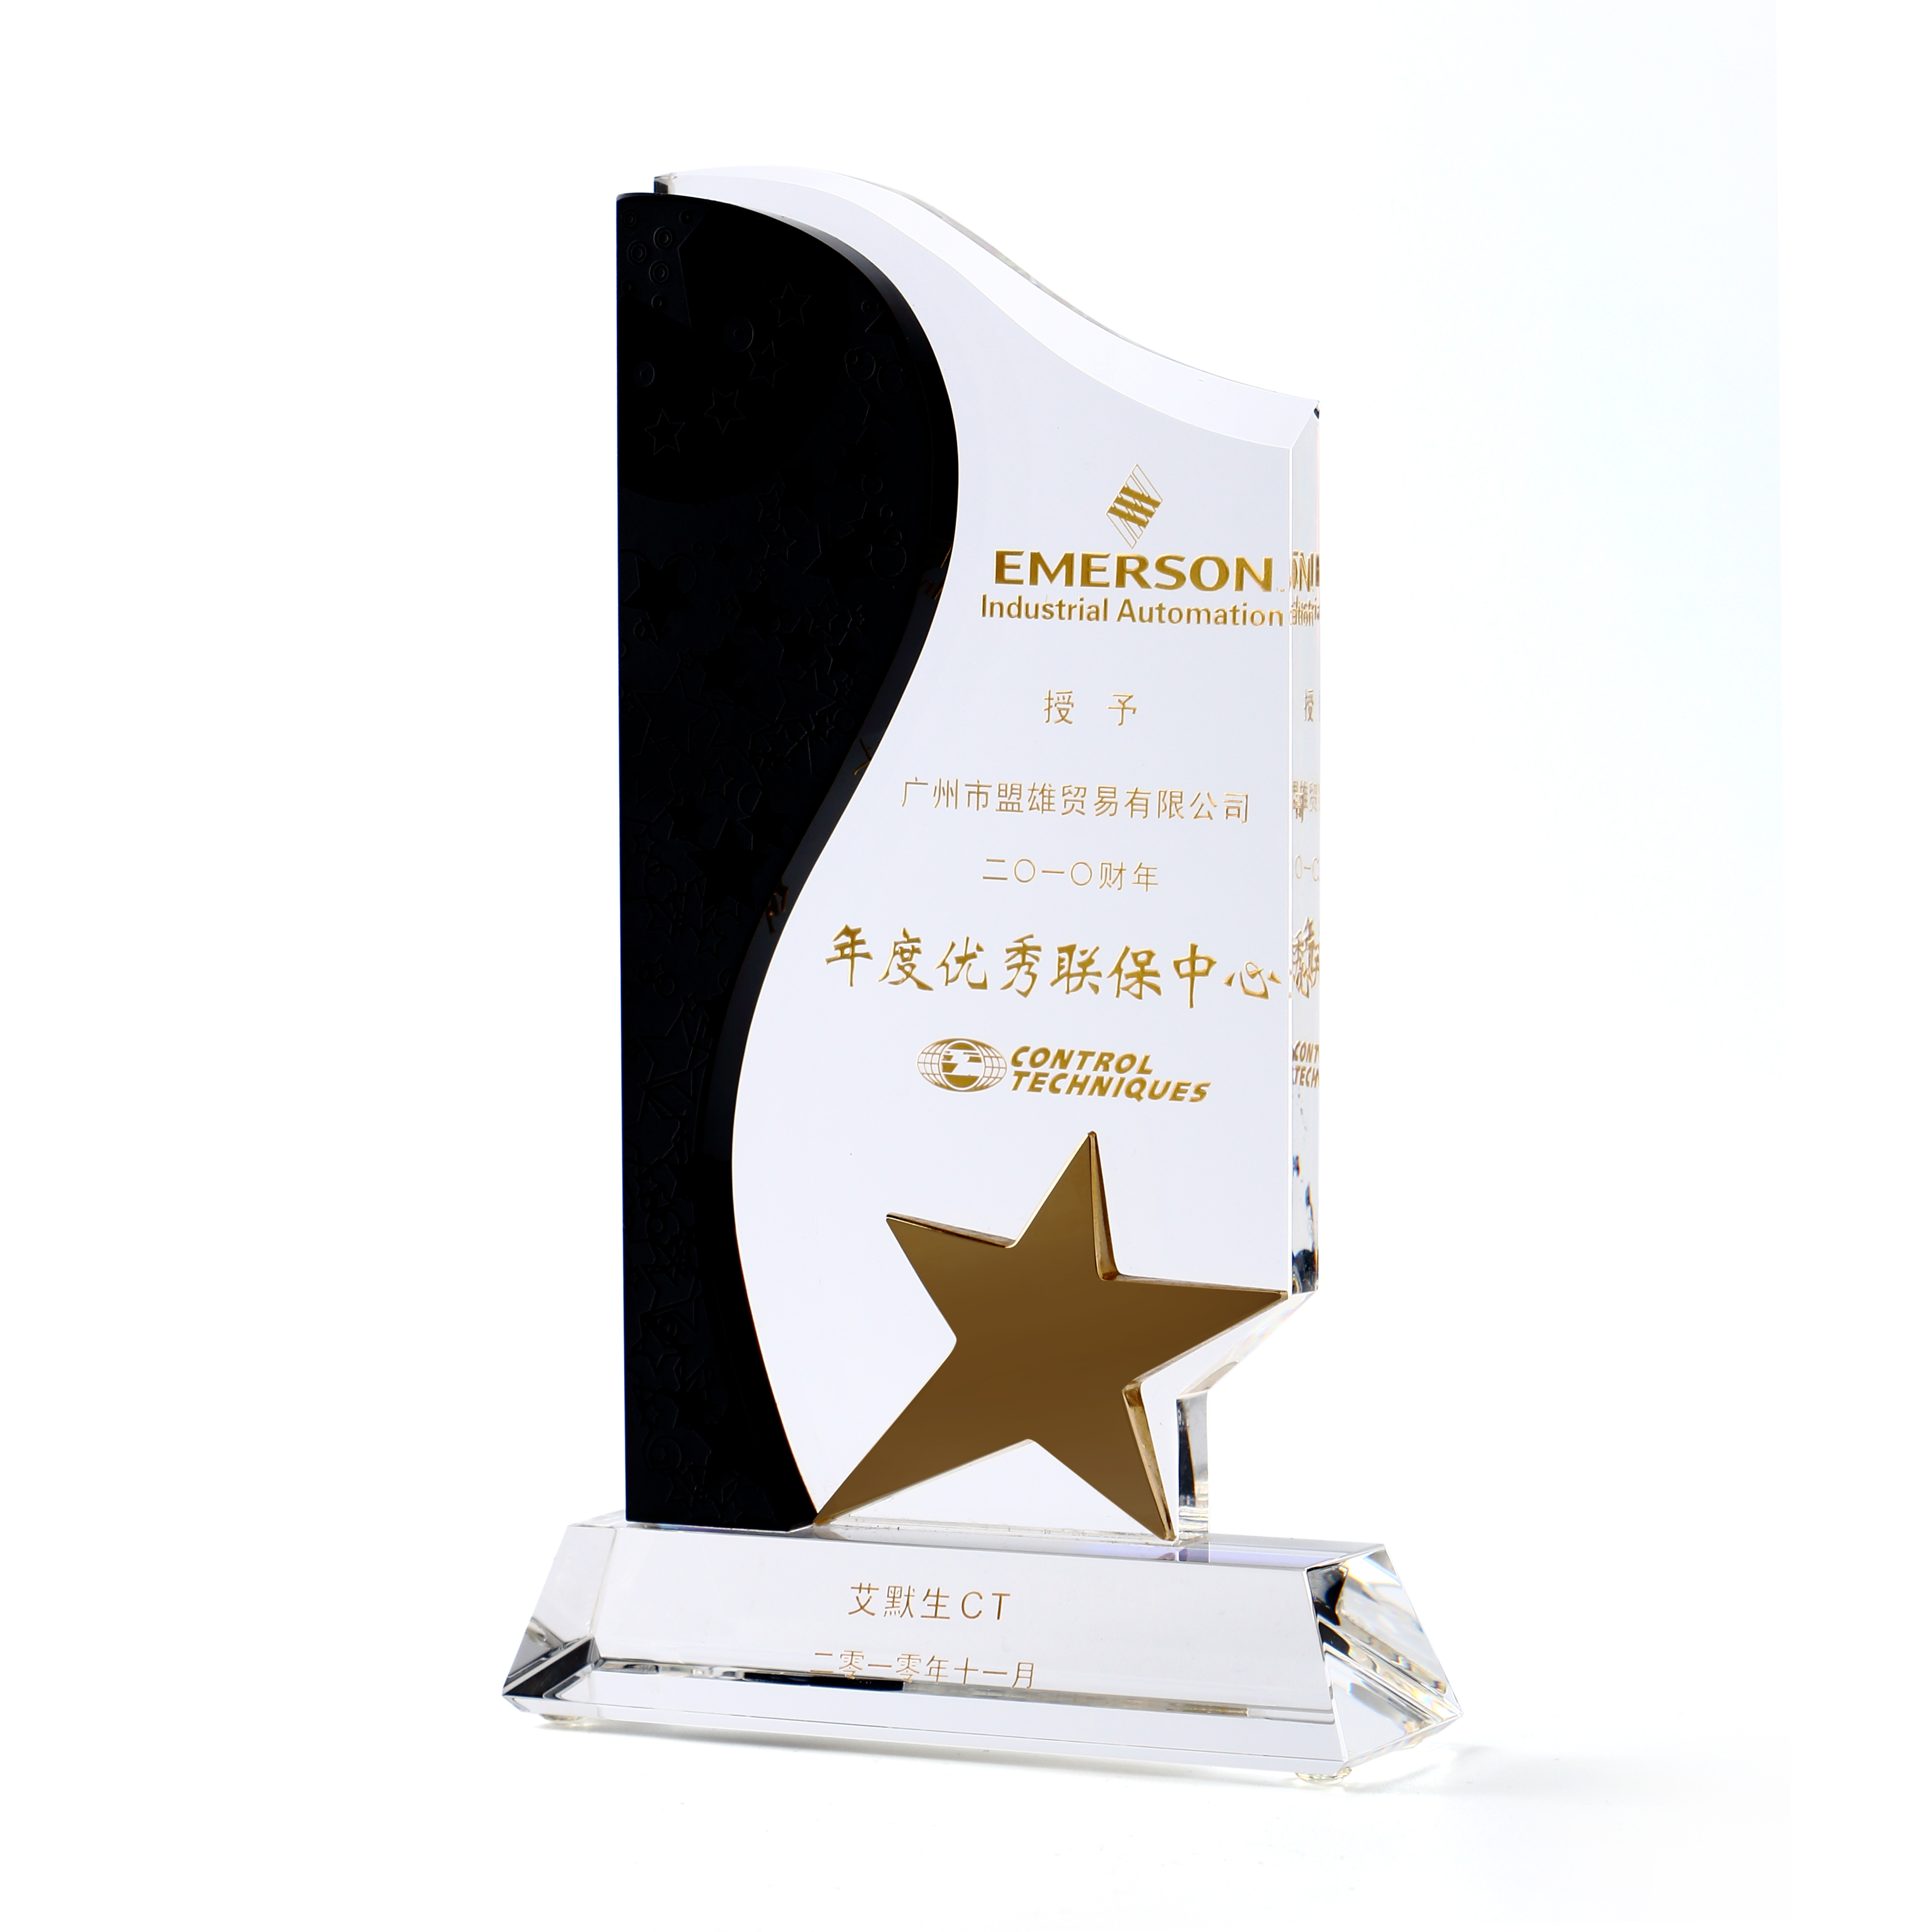 盟雄多次获得艾默生变频器产品年度优秀联保中心